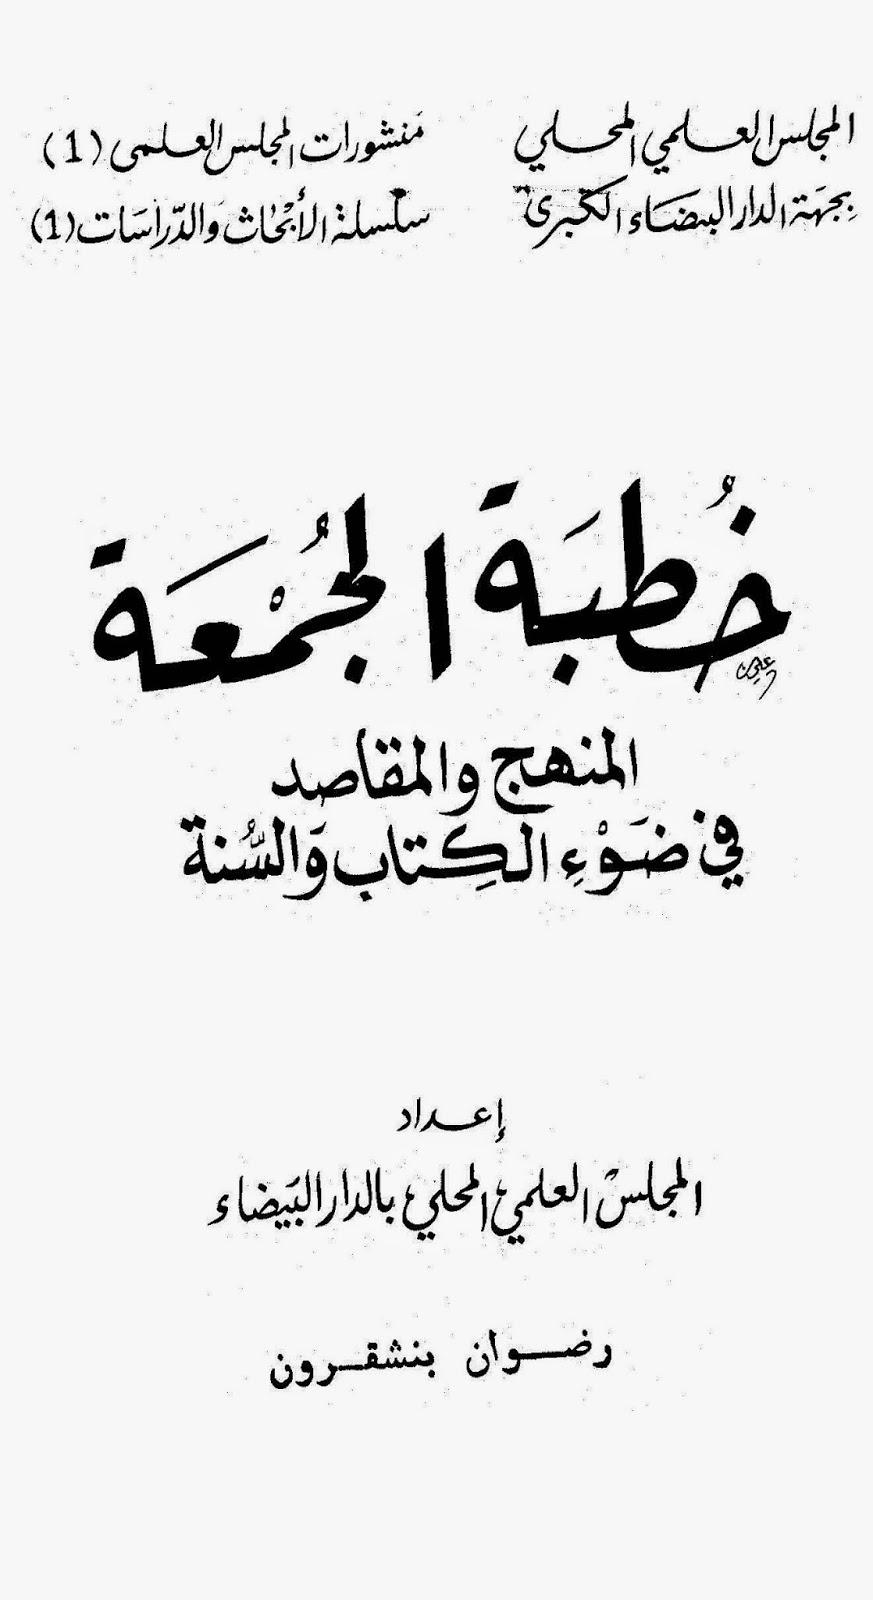 خطبة الجمعة المنهج والمقاصد في ضوء الكتاب والسنة - المجلس العلمي المحلي بالدار البيضاء